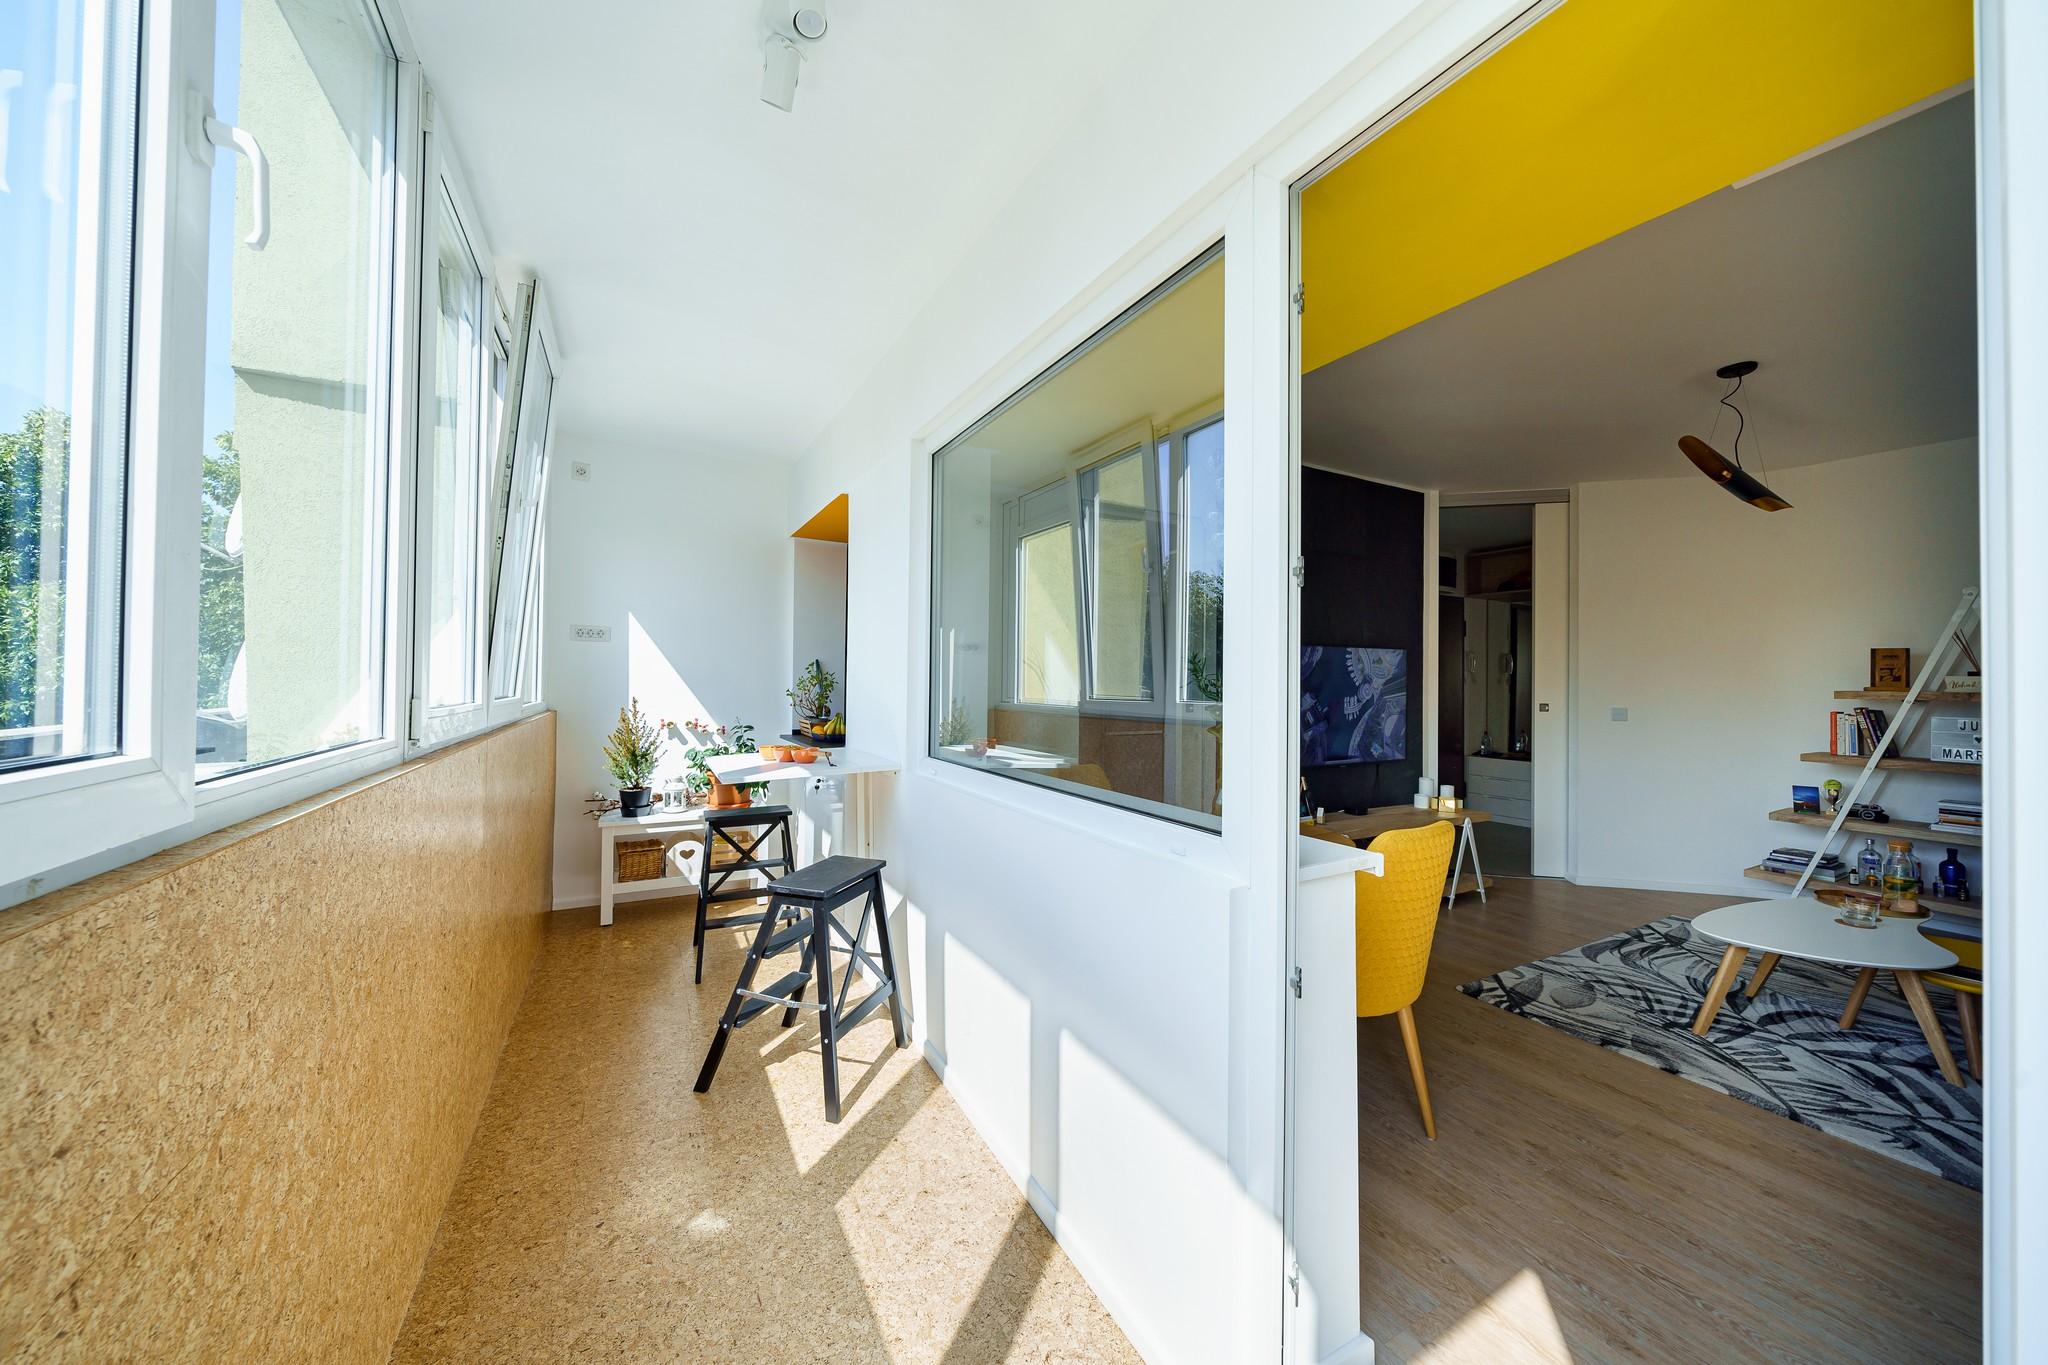 apartament bucuresti balcon parchet pluta